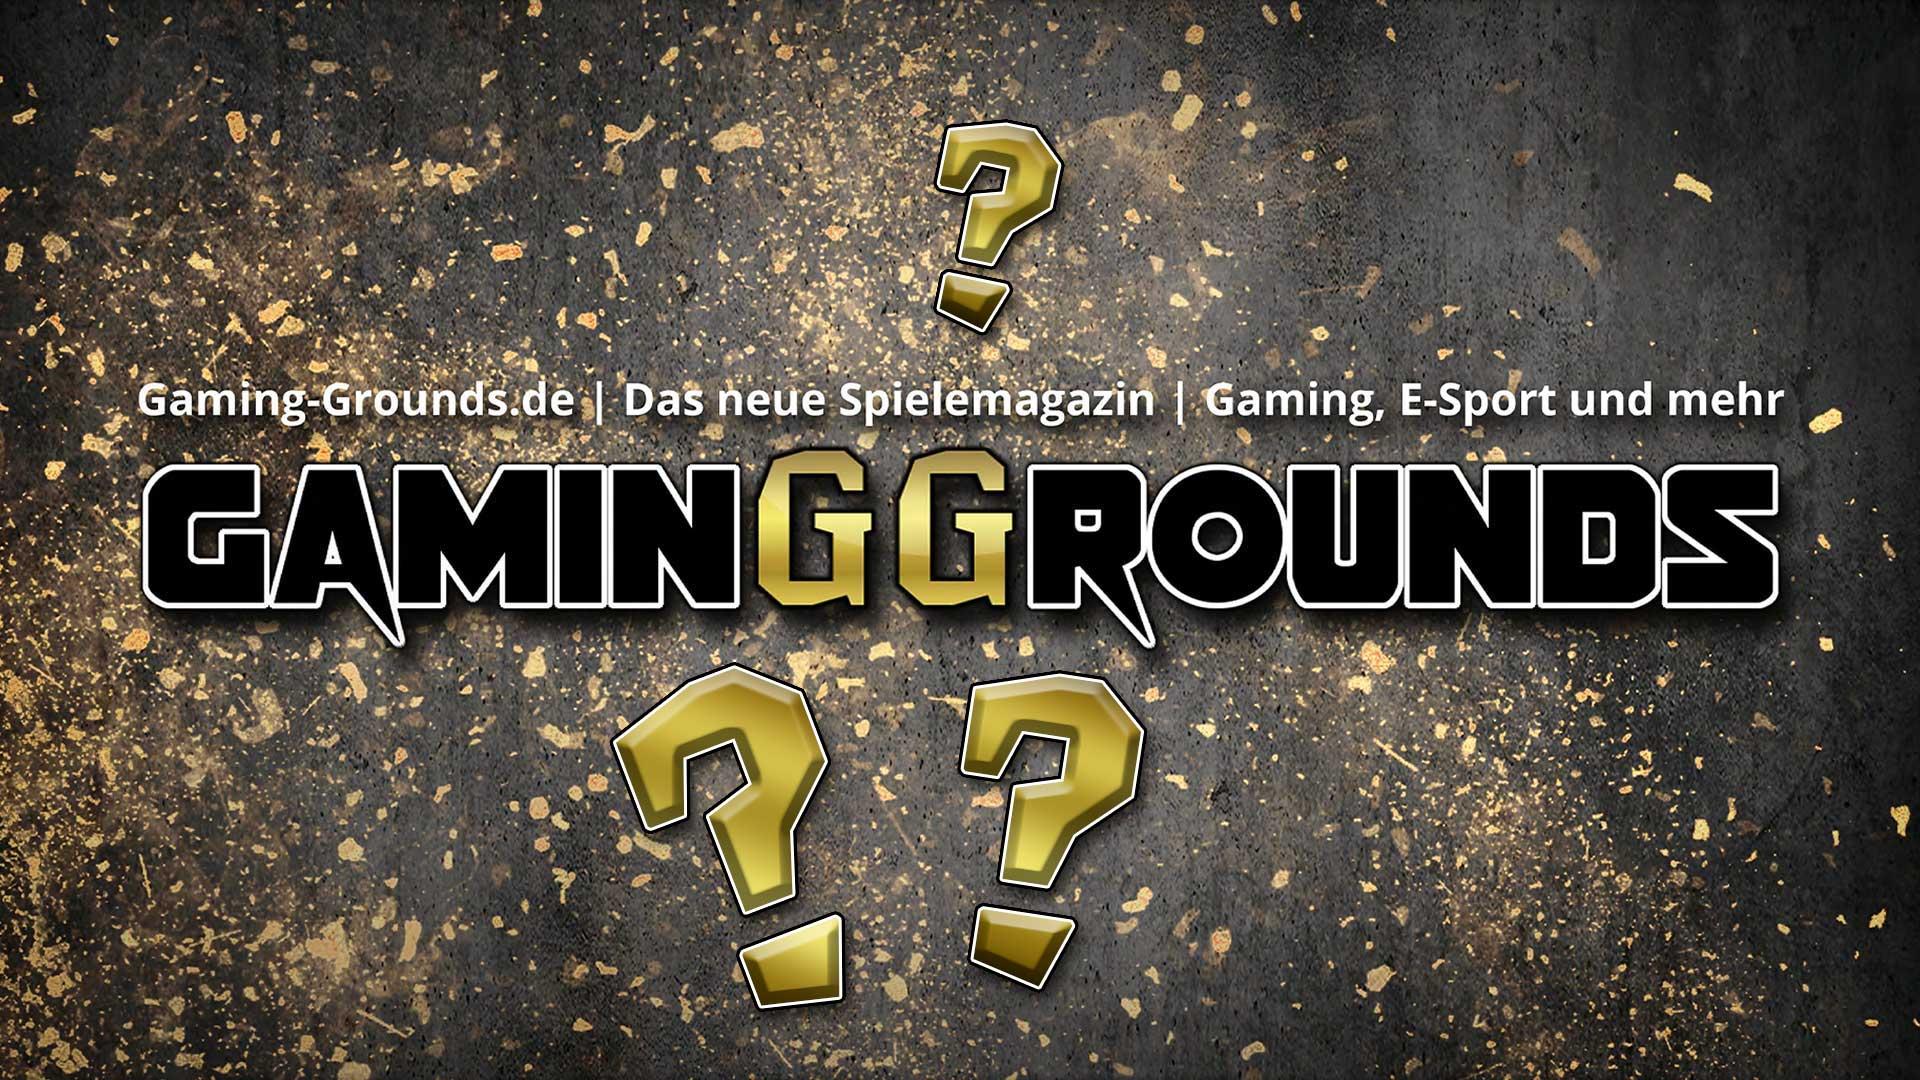 gaming grounds de secret